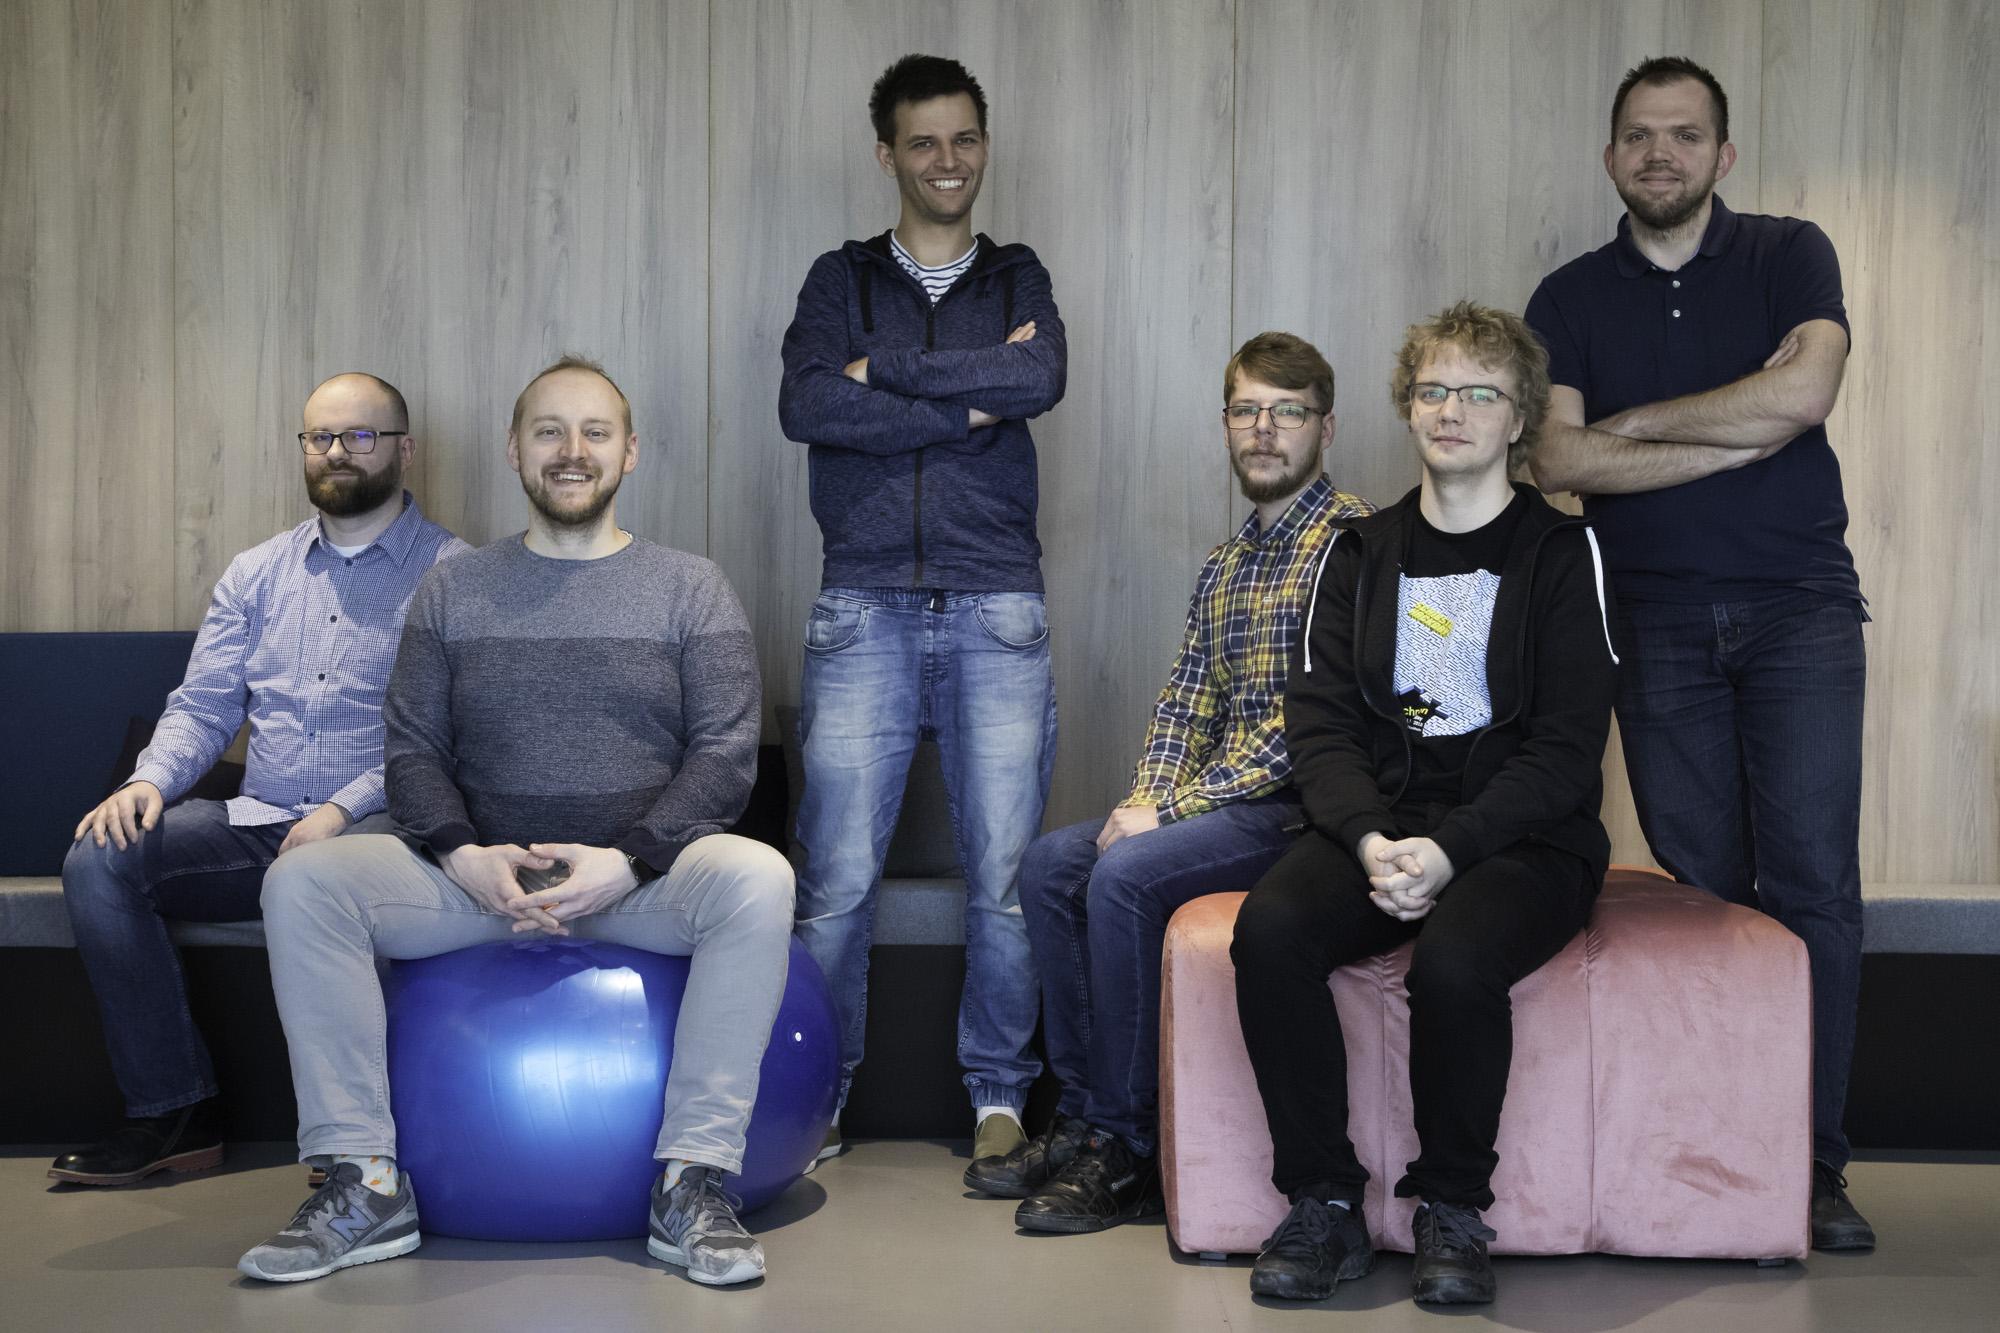 The Gdansk team: Damian Petla, Michał Waśniewski, Jakub Janczak, Michał Kawałko, Patryk Iwaniuk and Maciej Madaj.